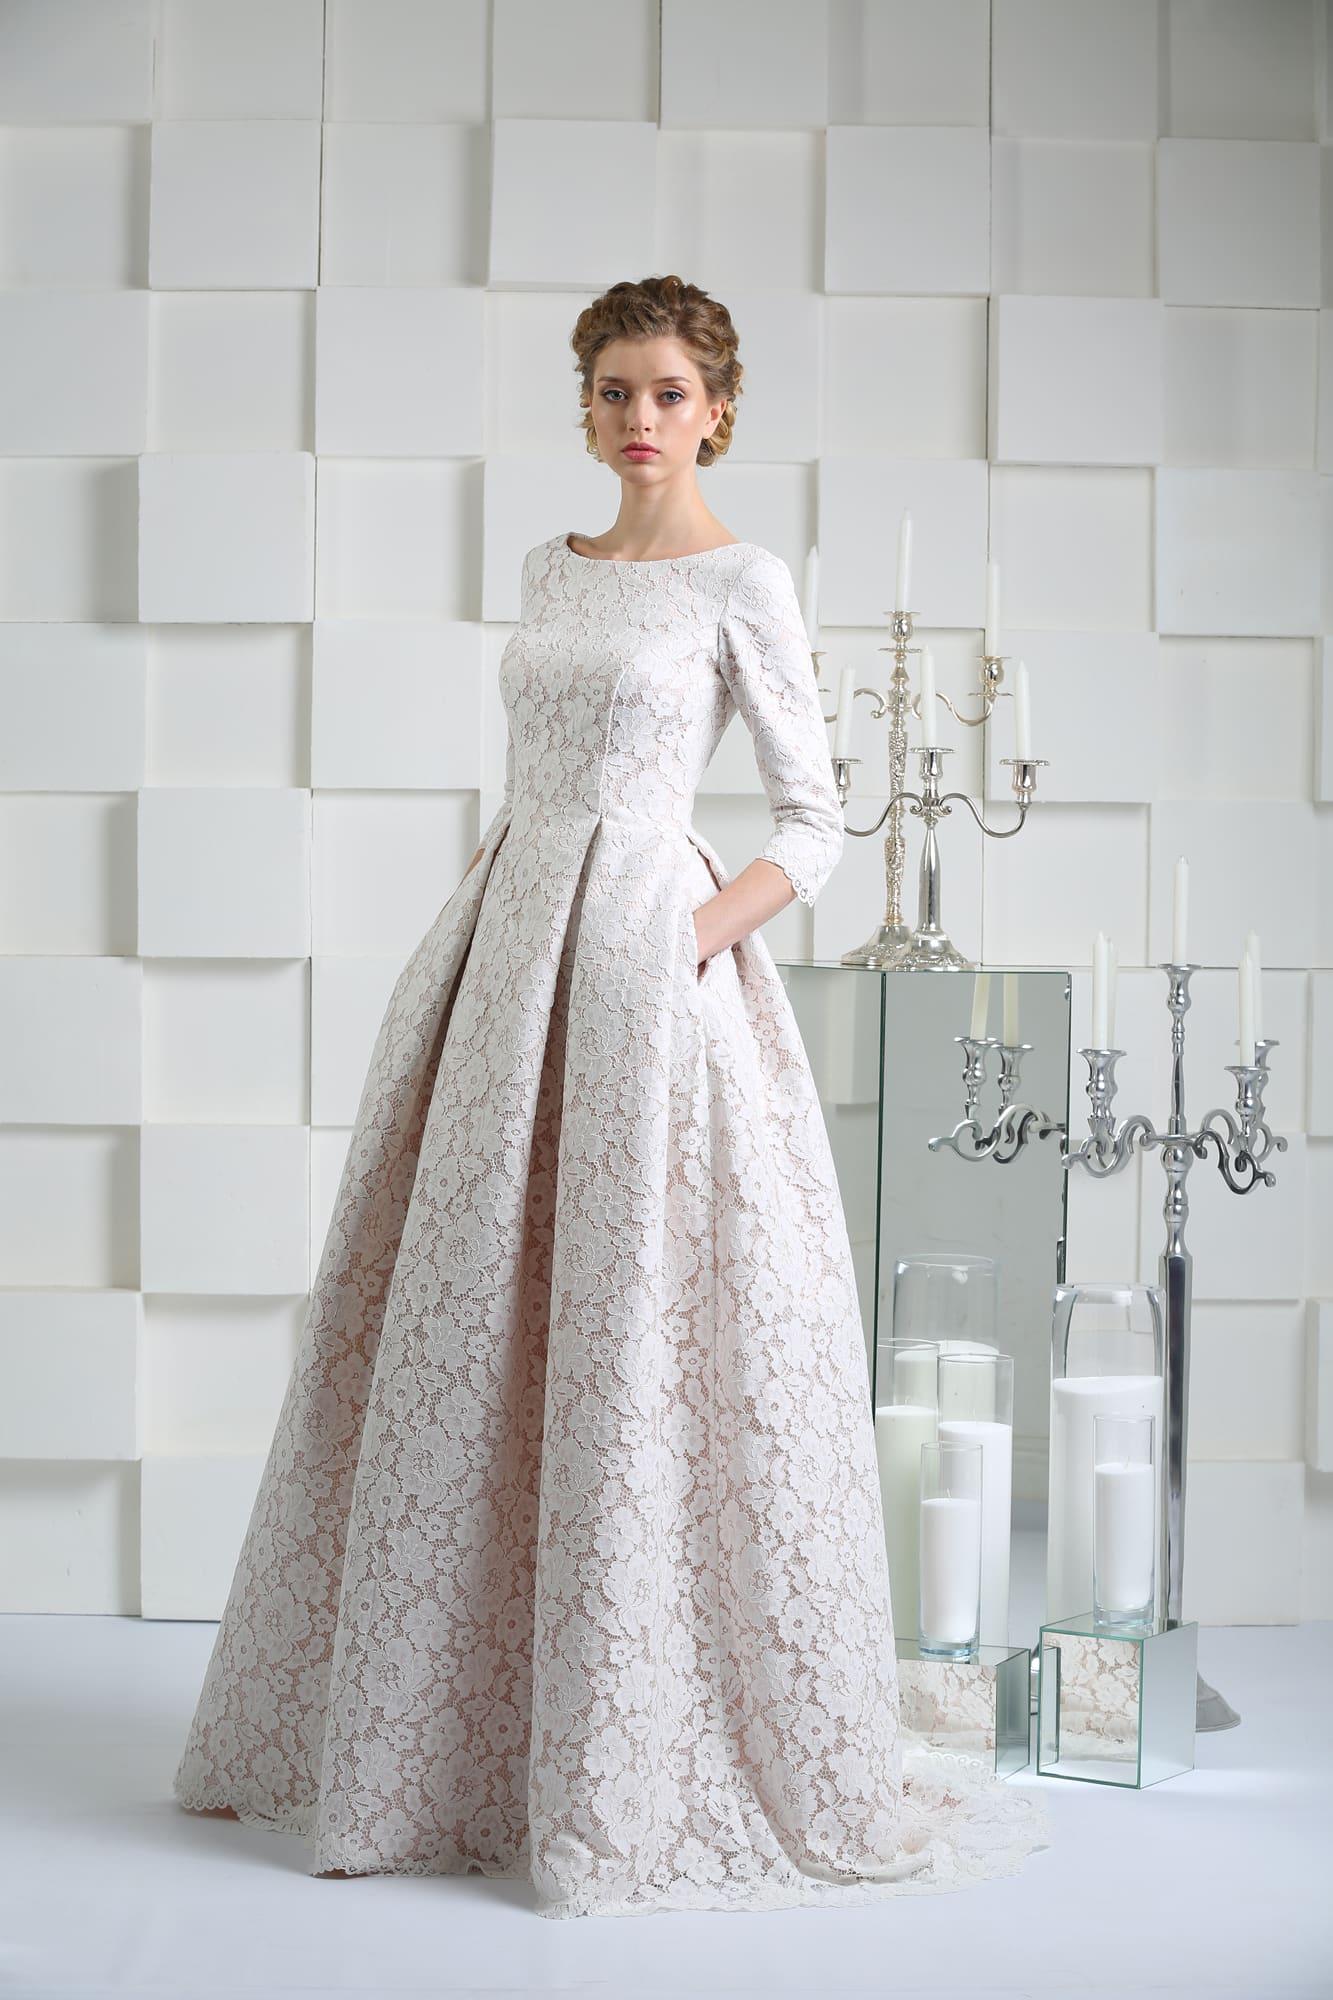 Свадебное платье с длинным рукавом и скрытыми карманами, покрытое кружевом.